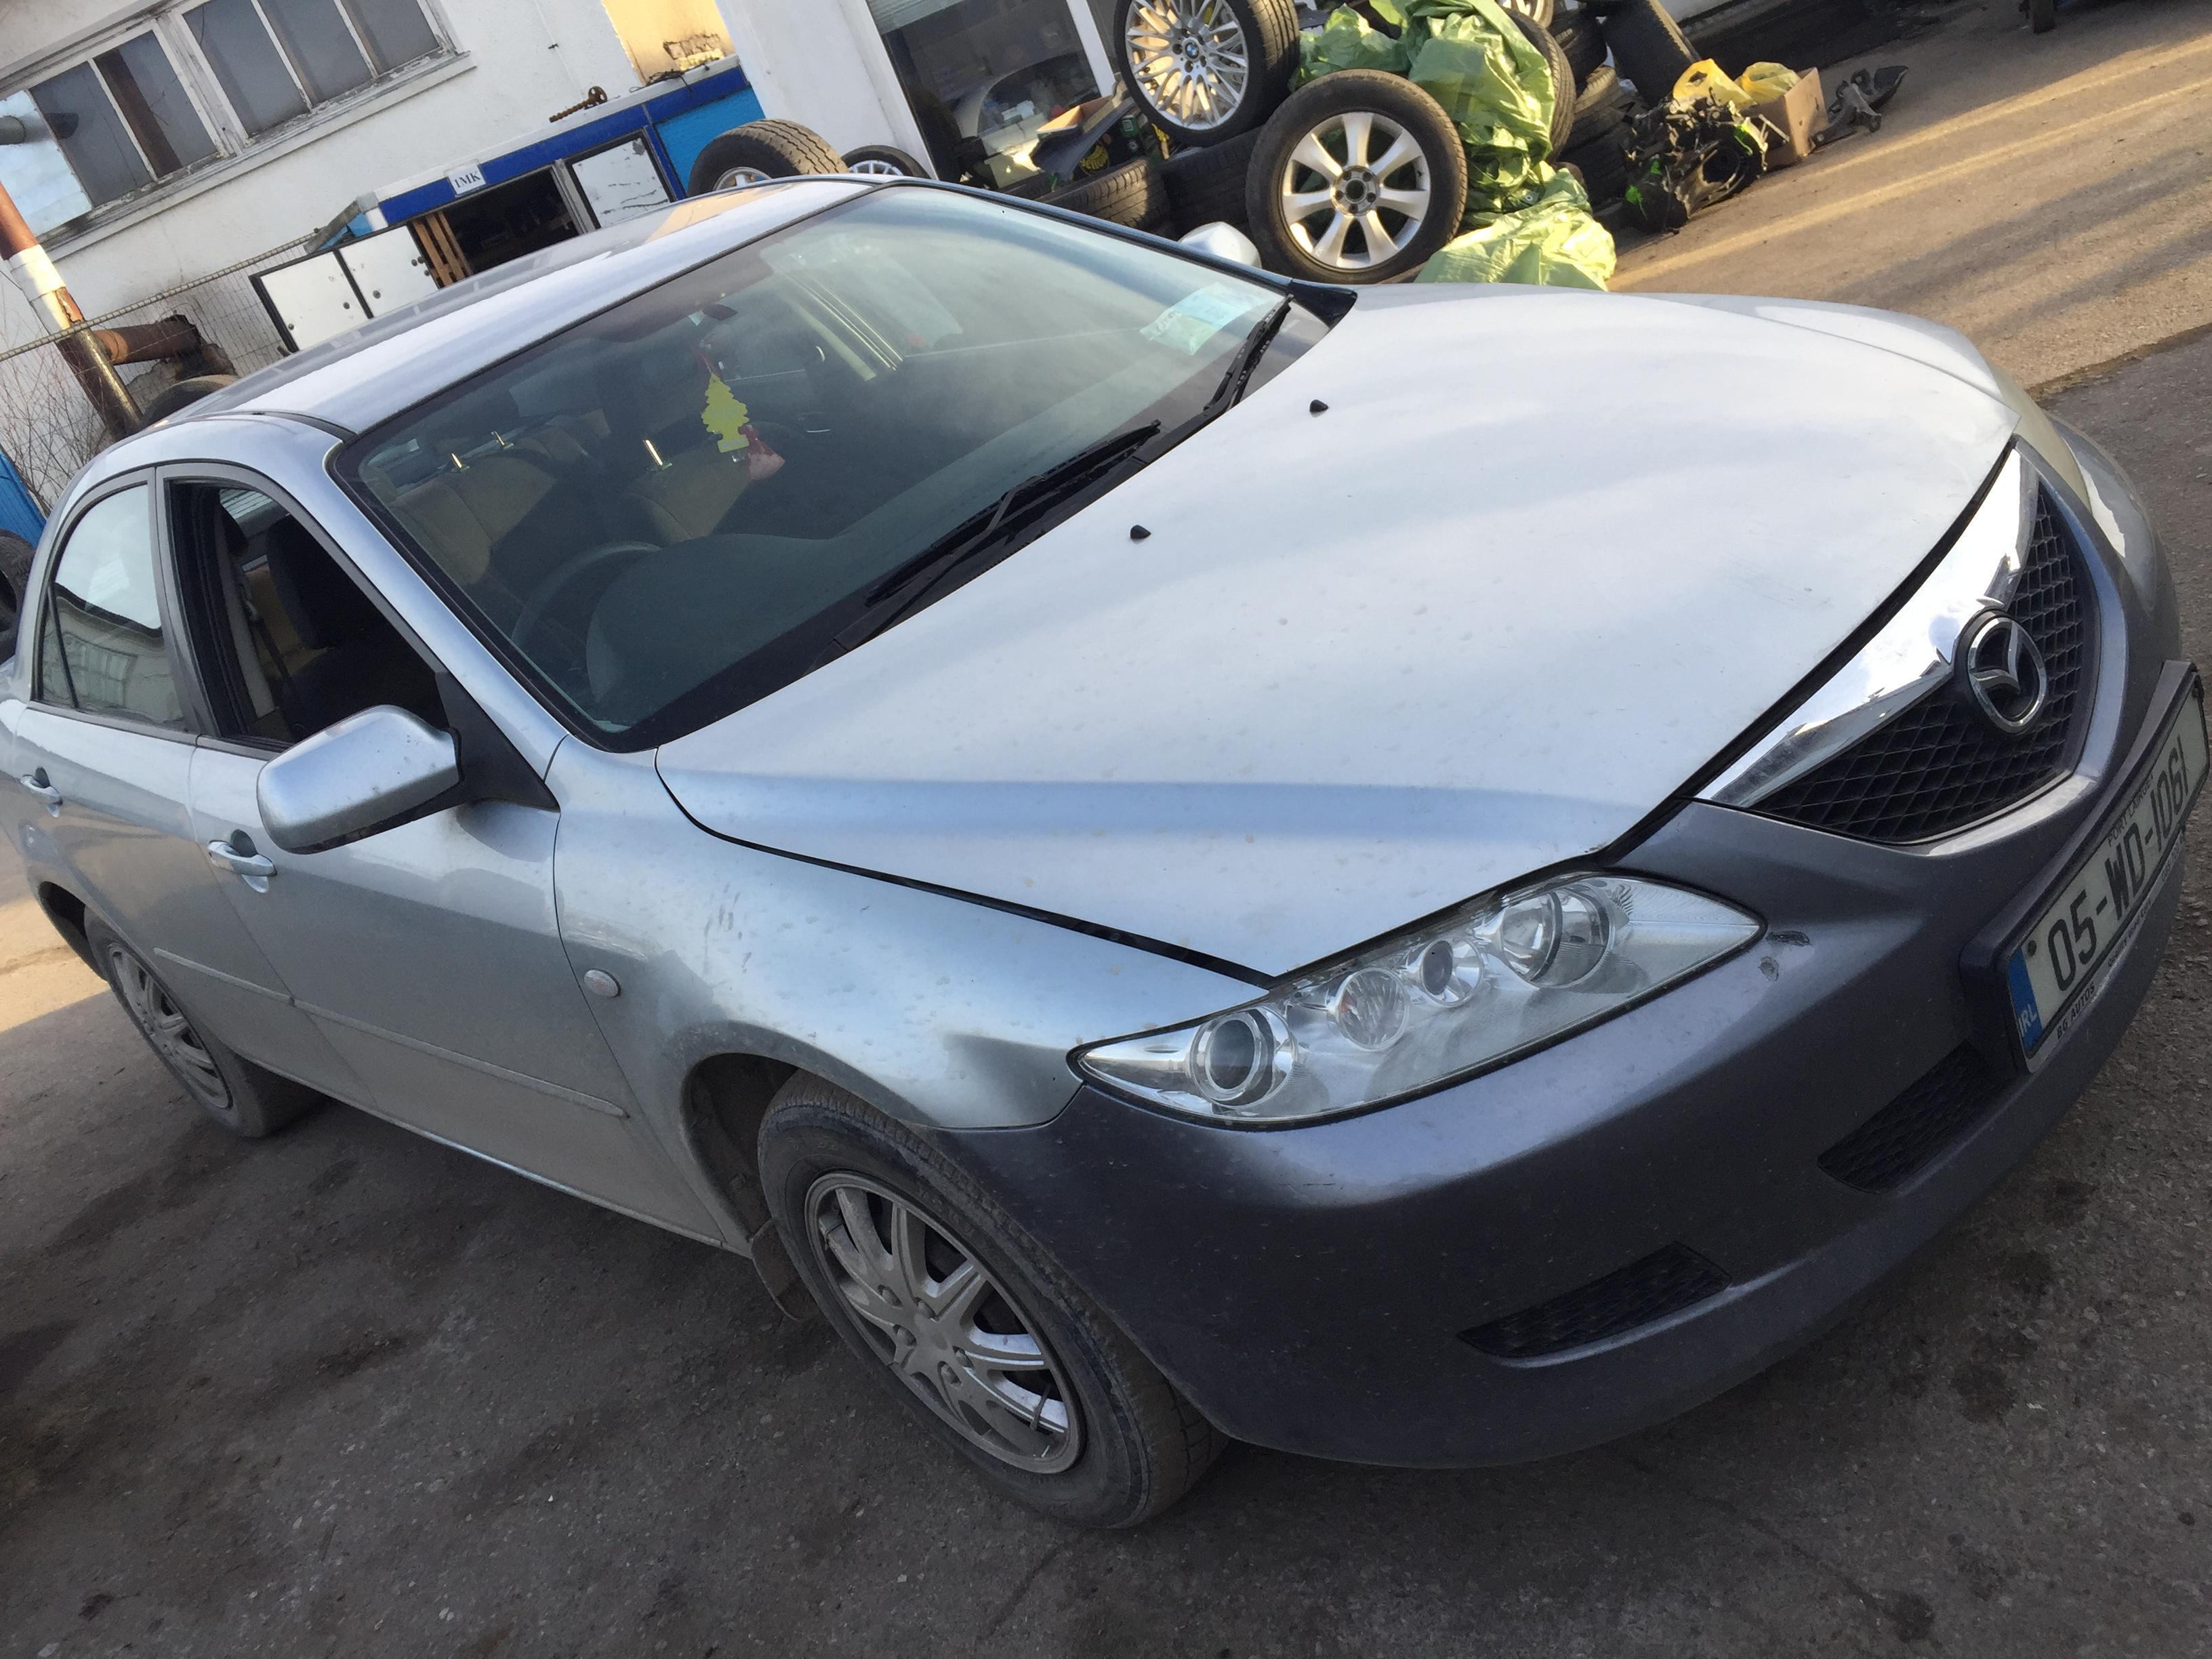 Naudotos automobiliu dallys Foto 1 Mazda 6 2003 1.8 Mechaninė Sedanas 4/5 d. Zydra 2017-11-28 A3538